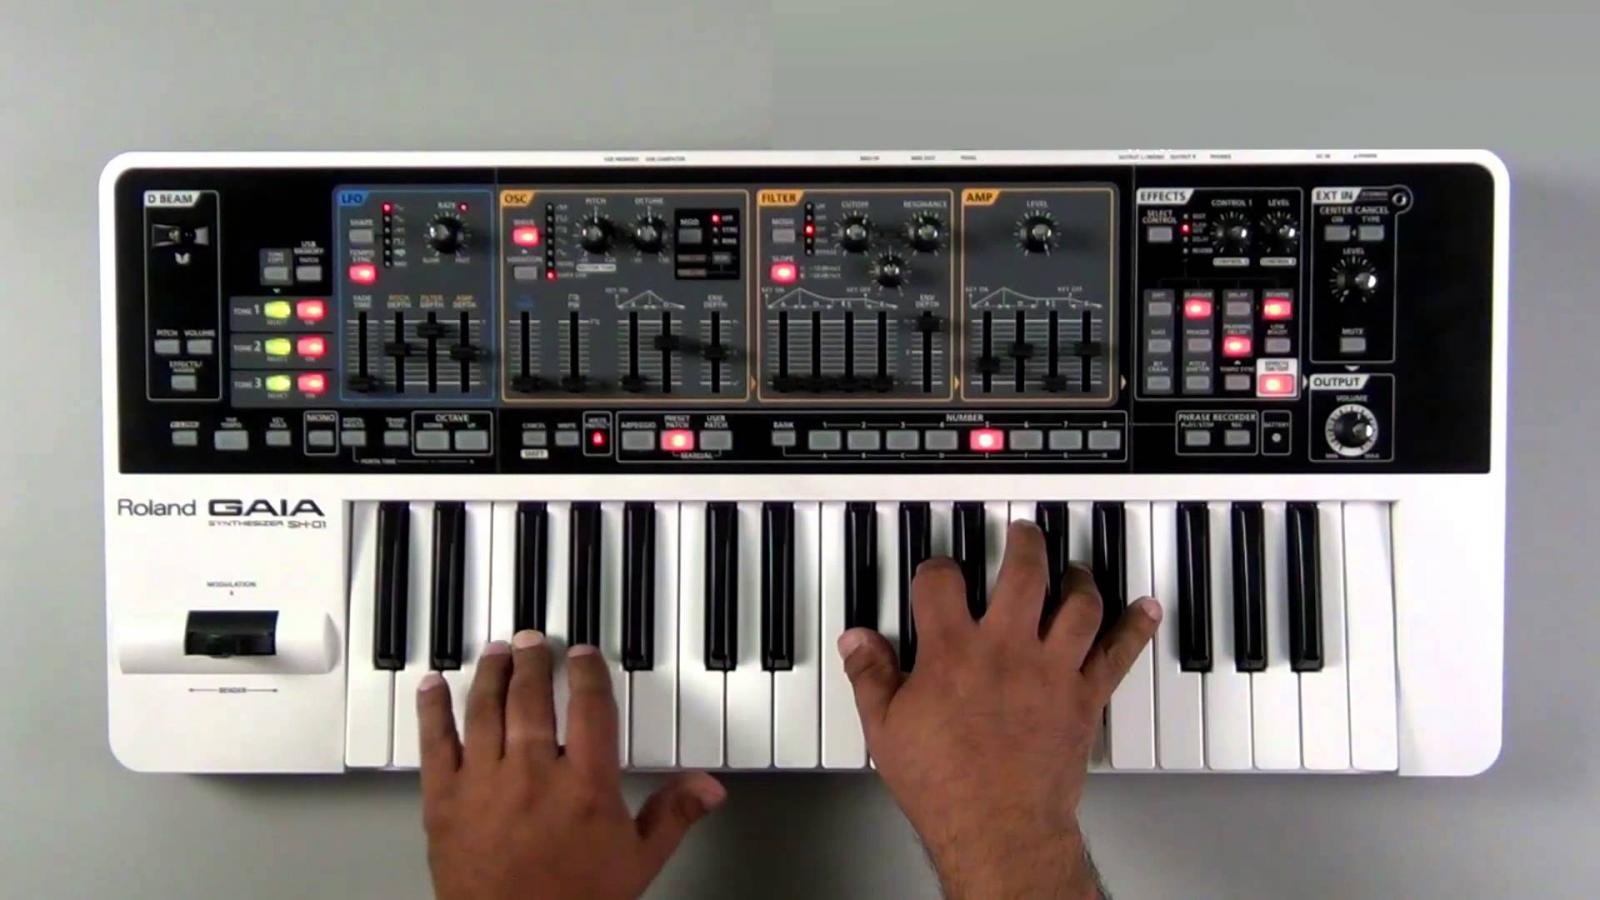 Roland GAIASH-01 bao gồm 3 Synth hoàn chỉnh cho âm thanh dày hơn, mạnh mẽ hơn